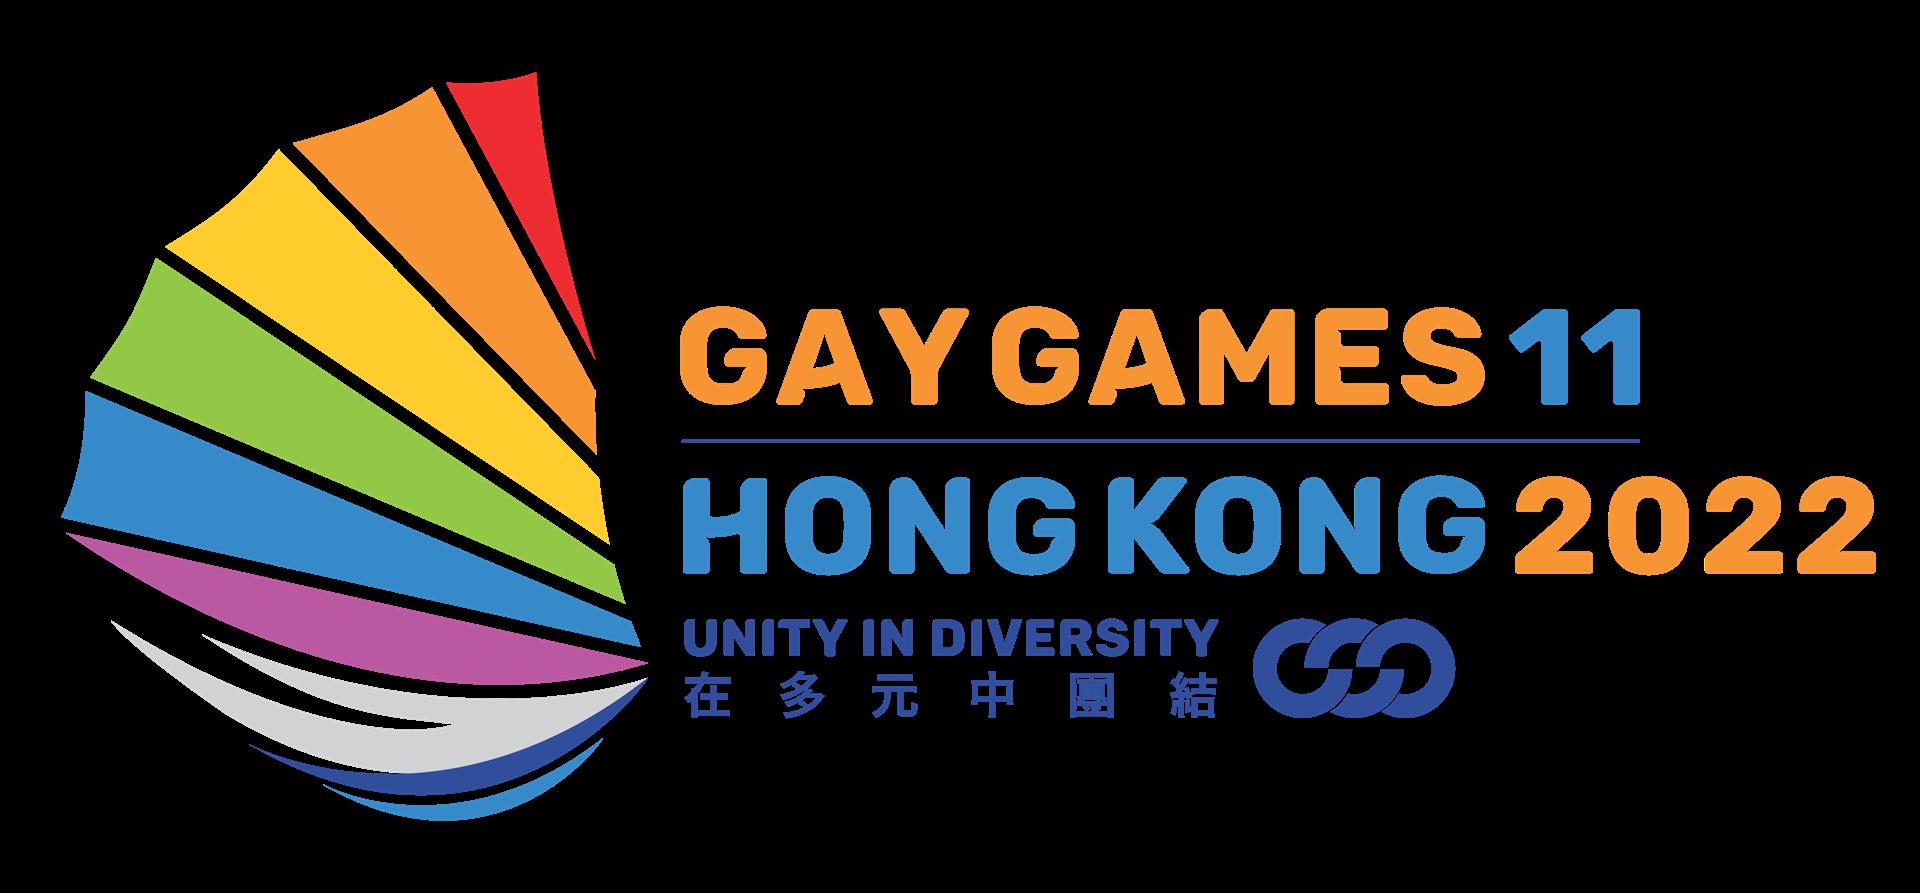 IGLFA World Championship at Gay Games Hong Kong – Cancelled!